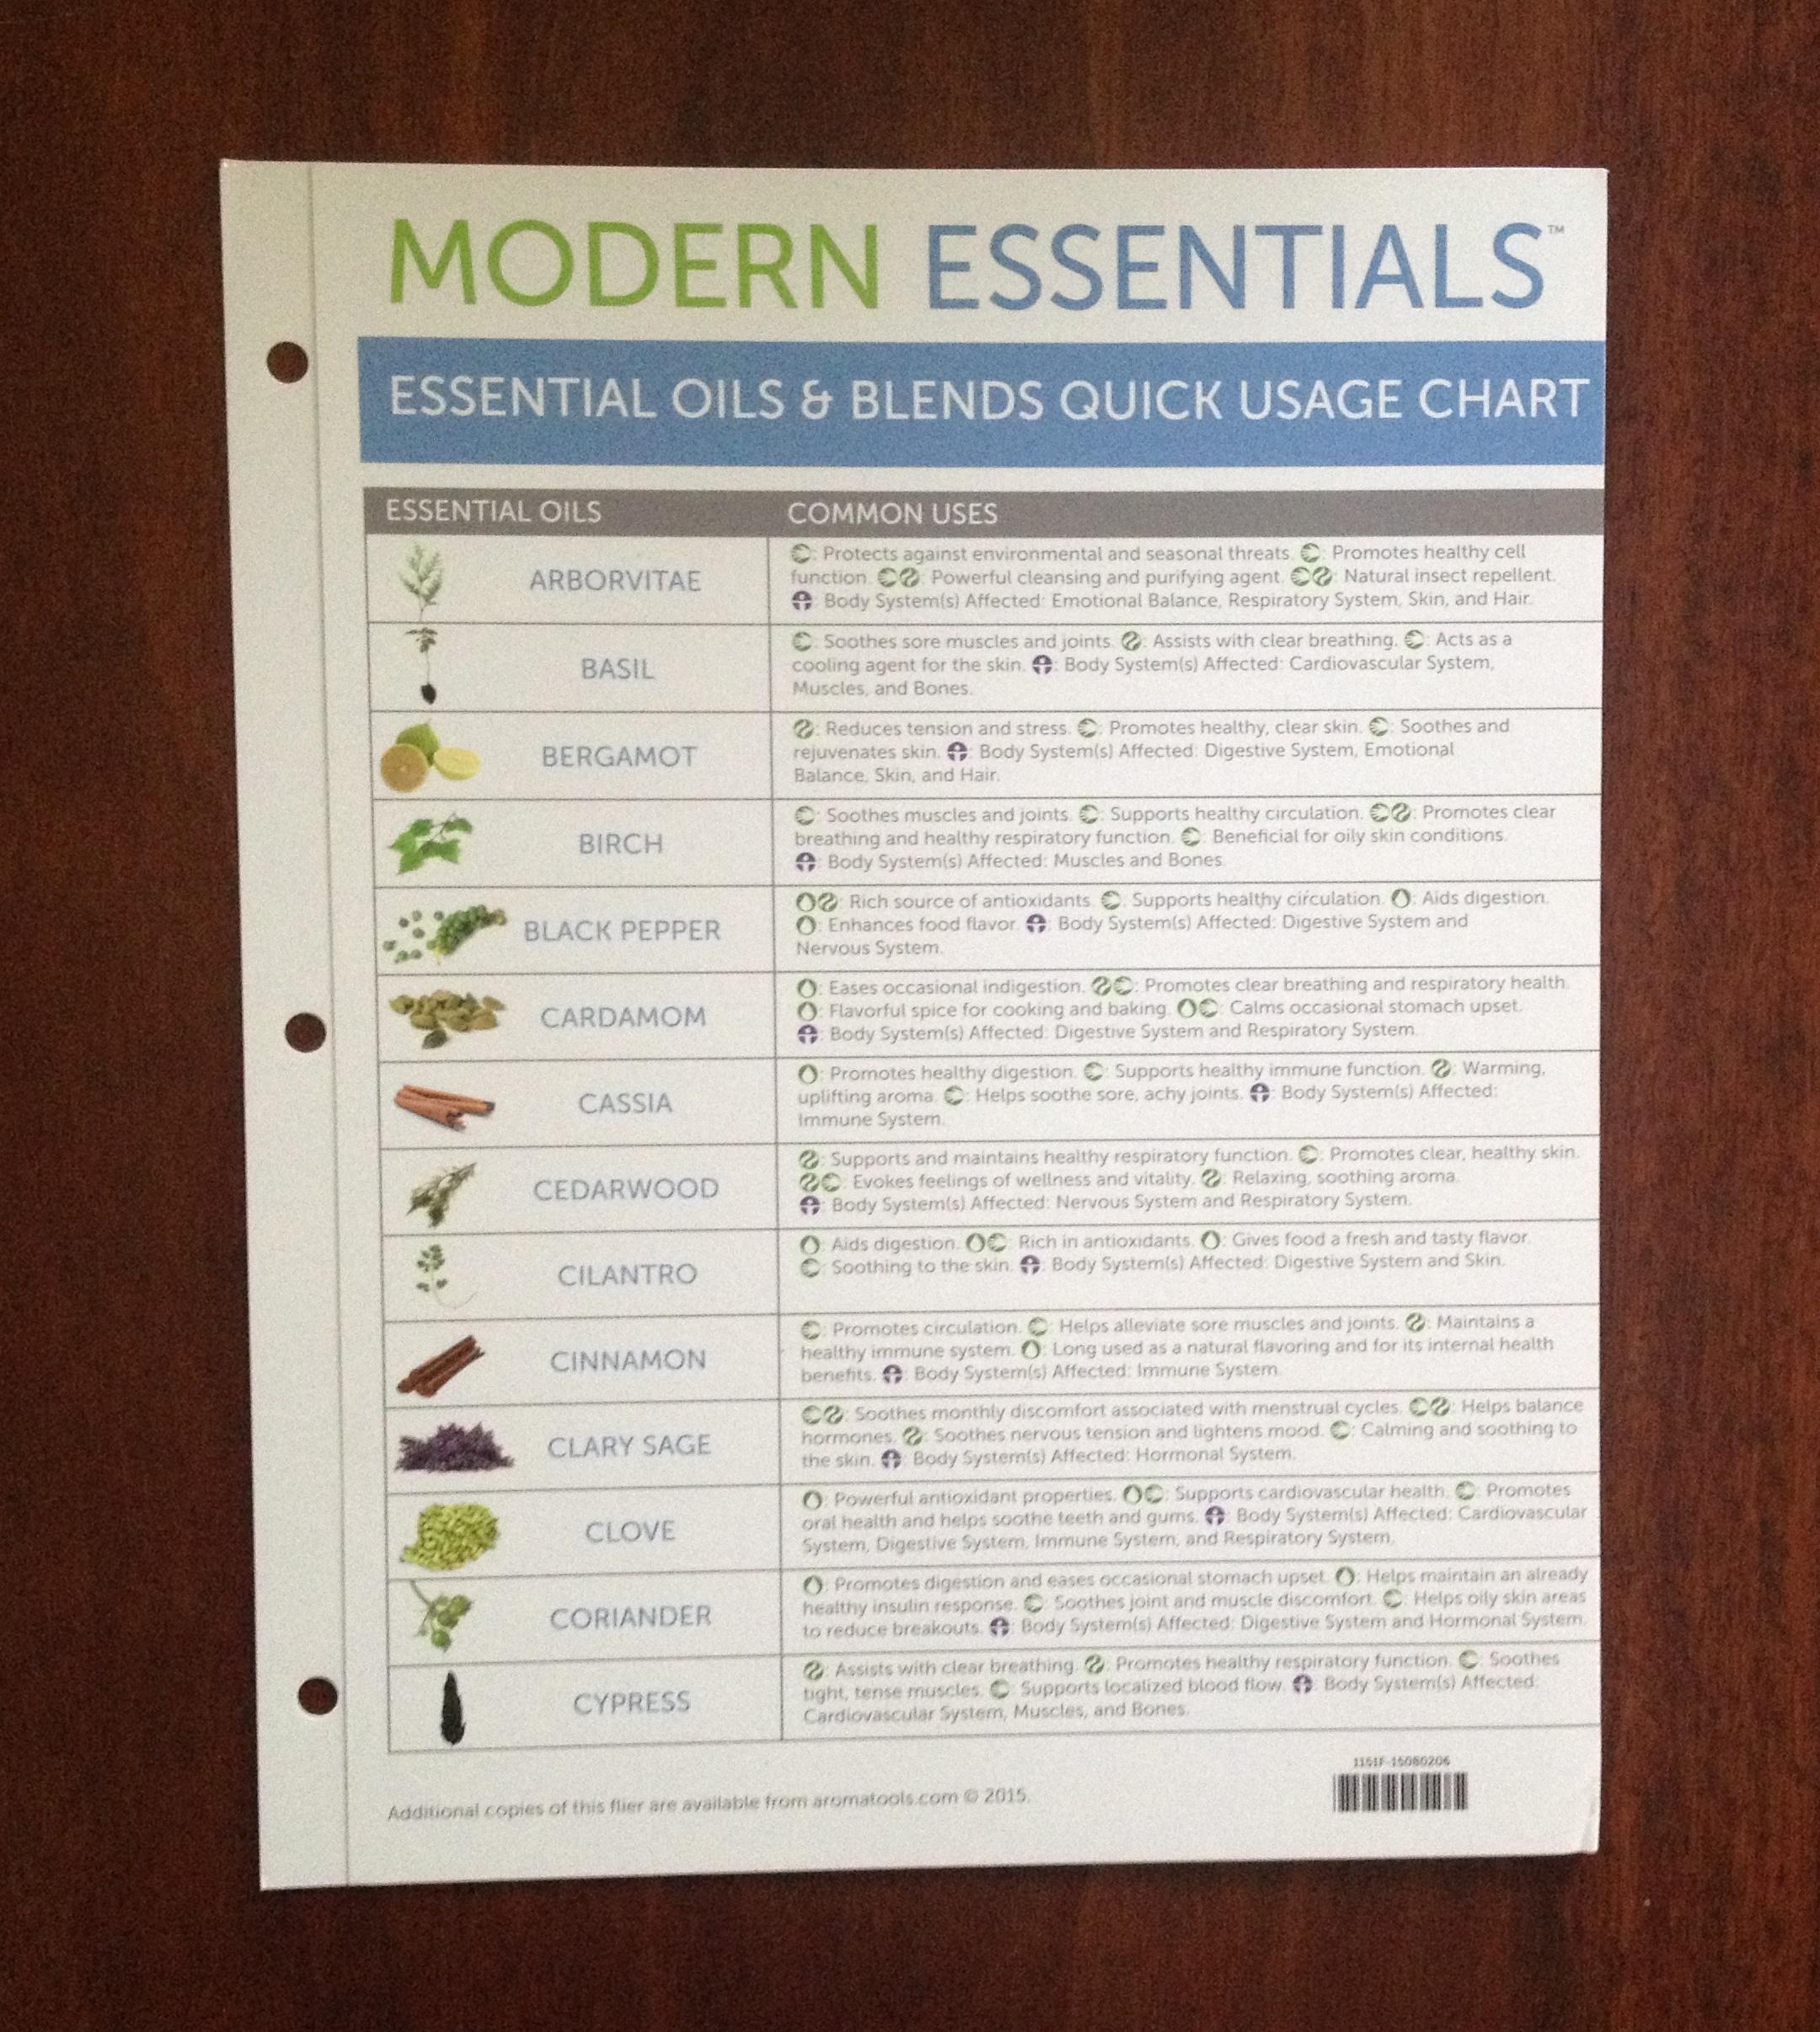 Modern Essentials Quick Binder Chart (7th Edition